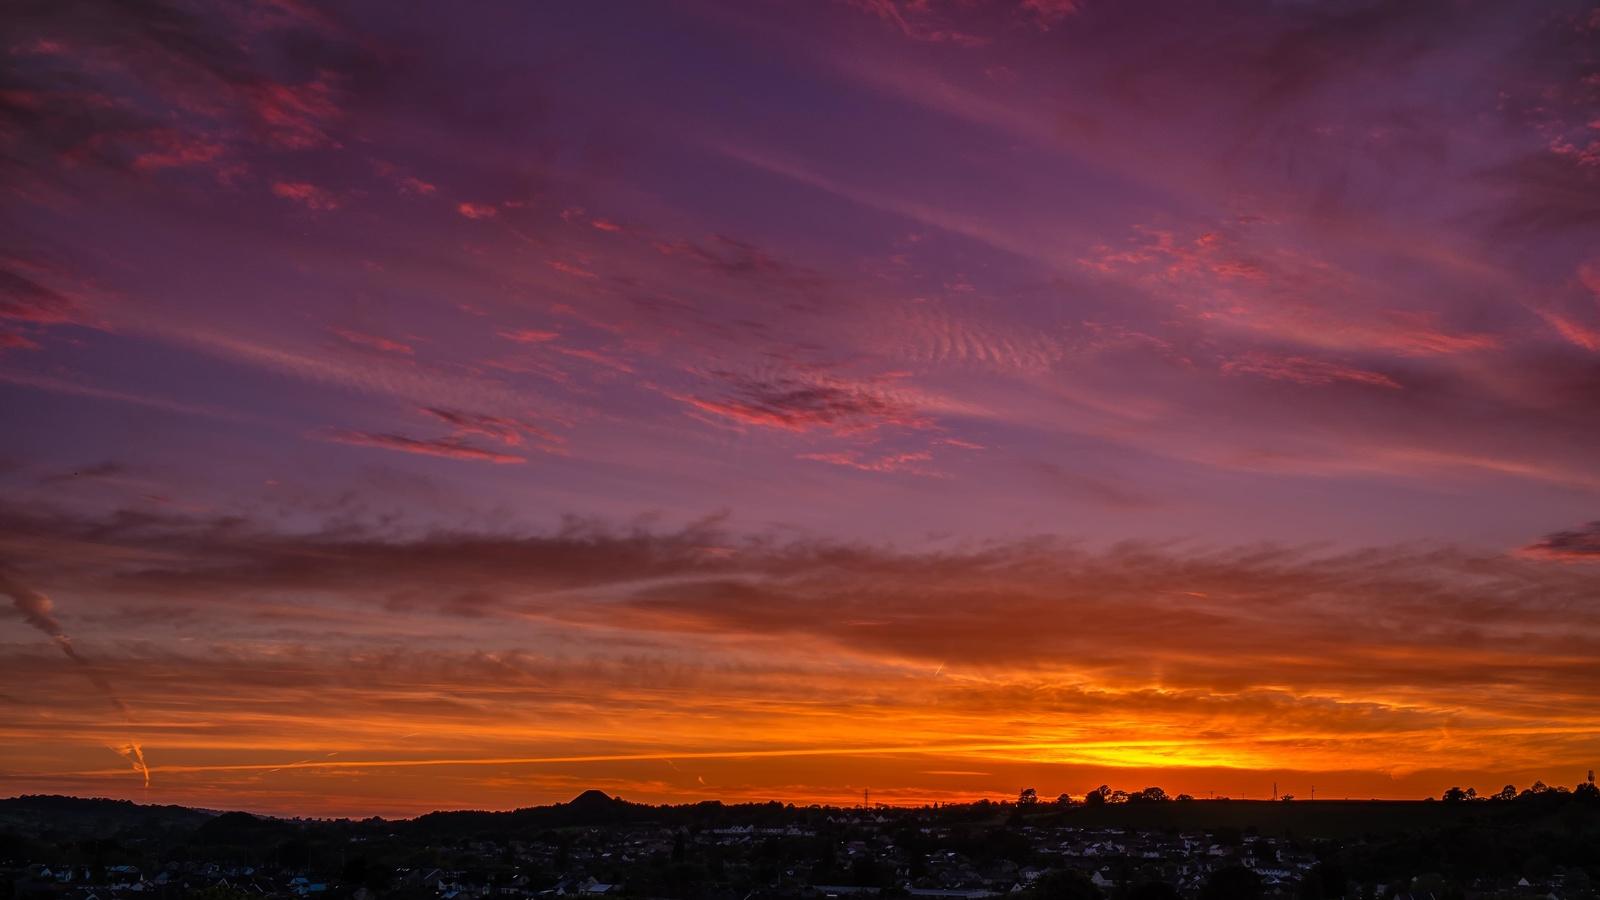 небо, закат, горизонт, облака